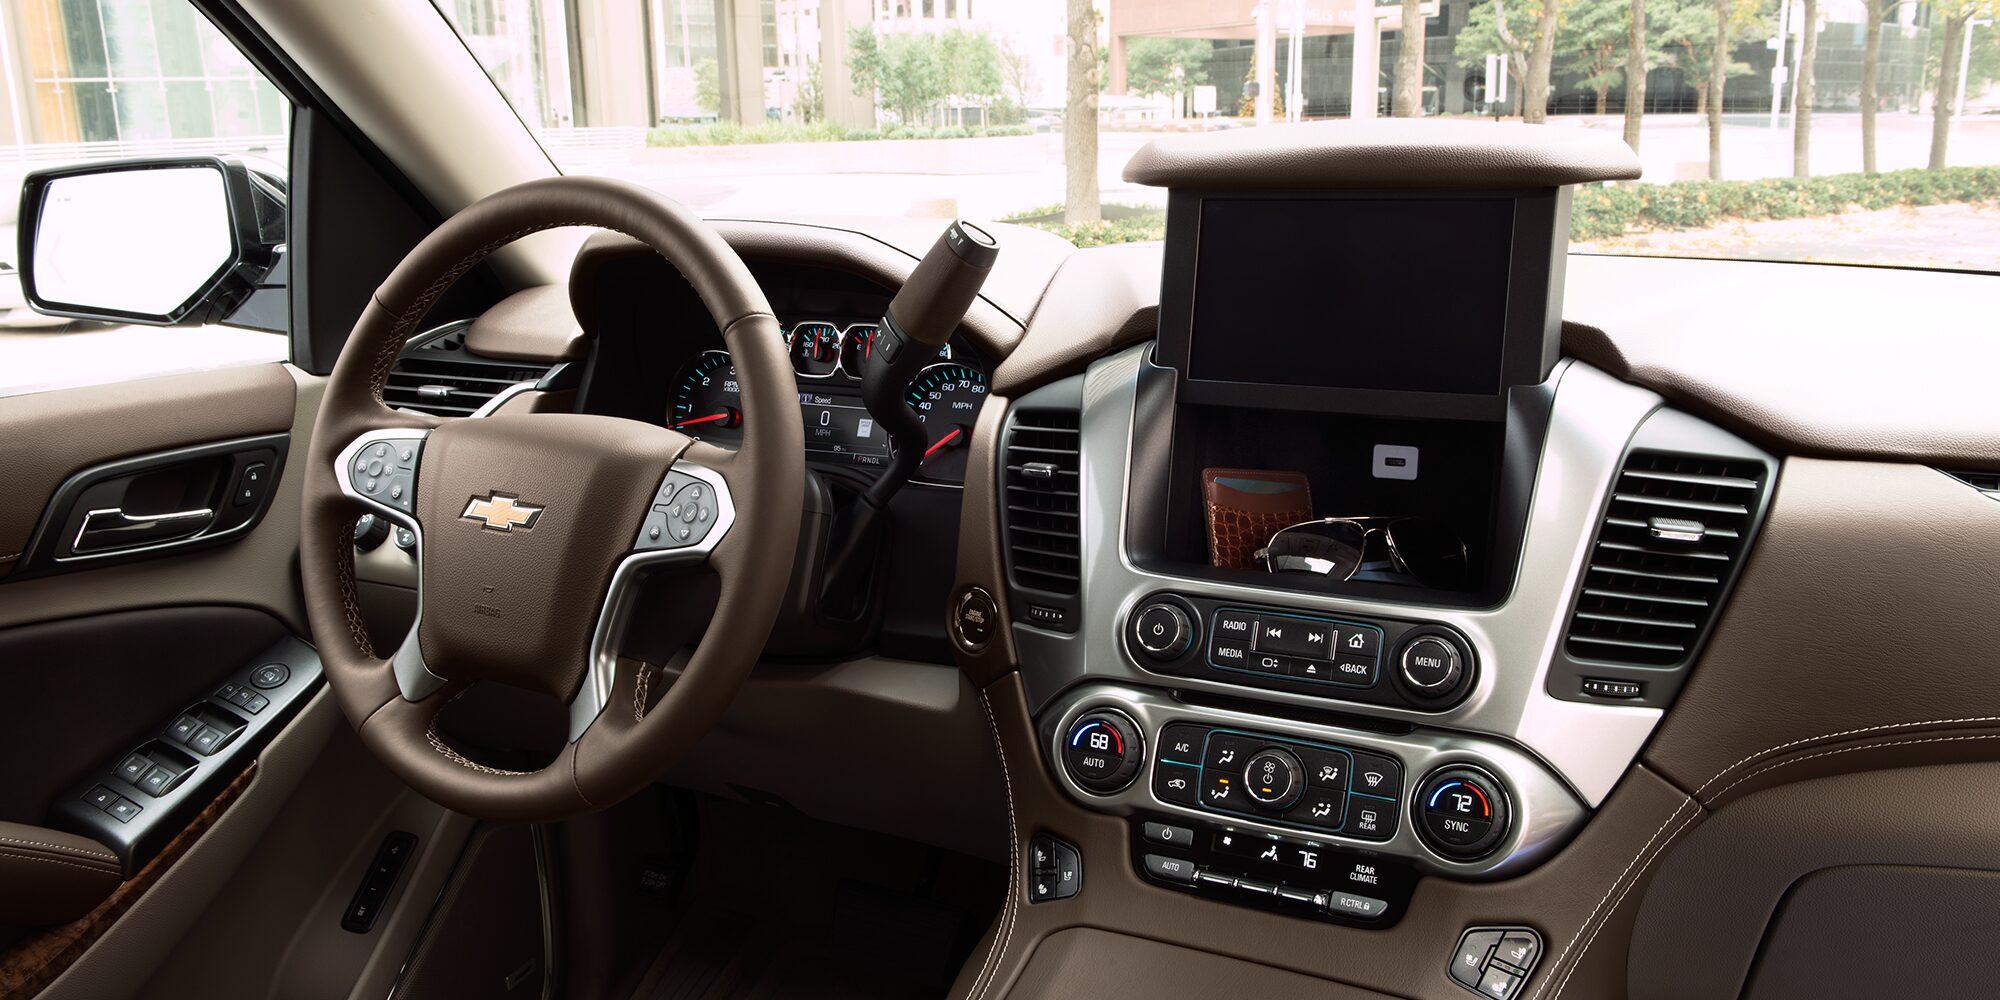 2018 Tahoe SUV Interior Photo: Center Dashboard Storage